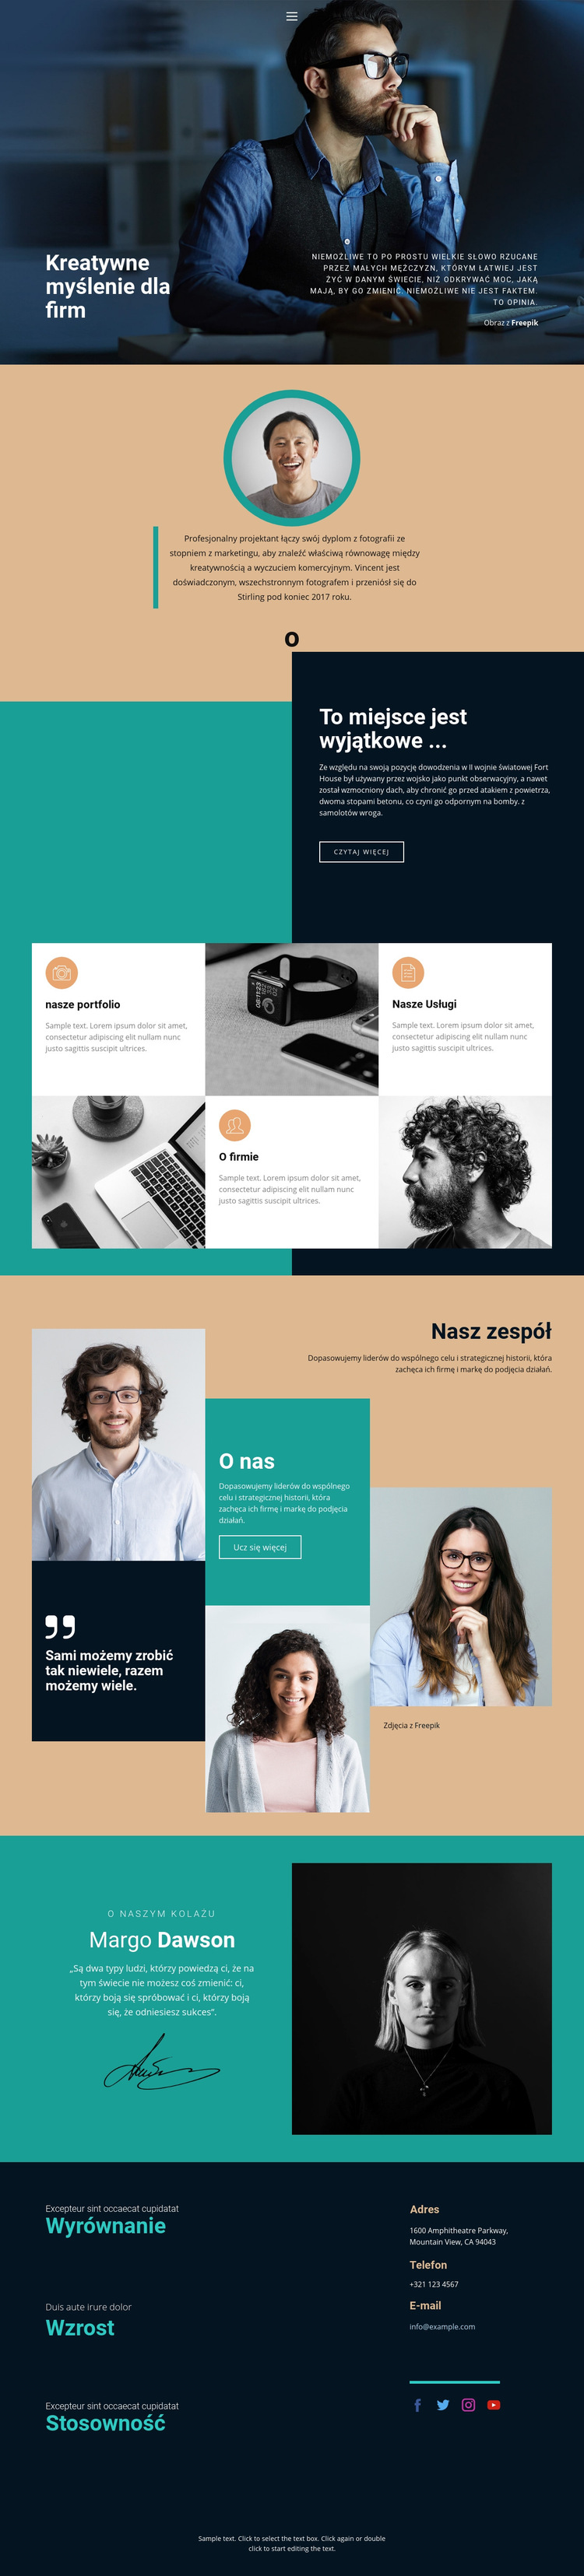 Kreatywny rozwijający się biznes Szablon witryny sieci Web